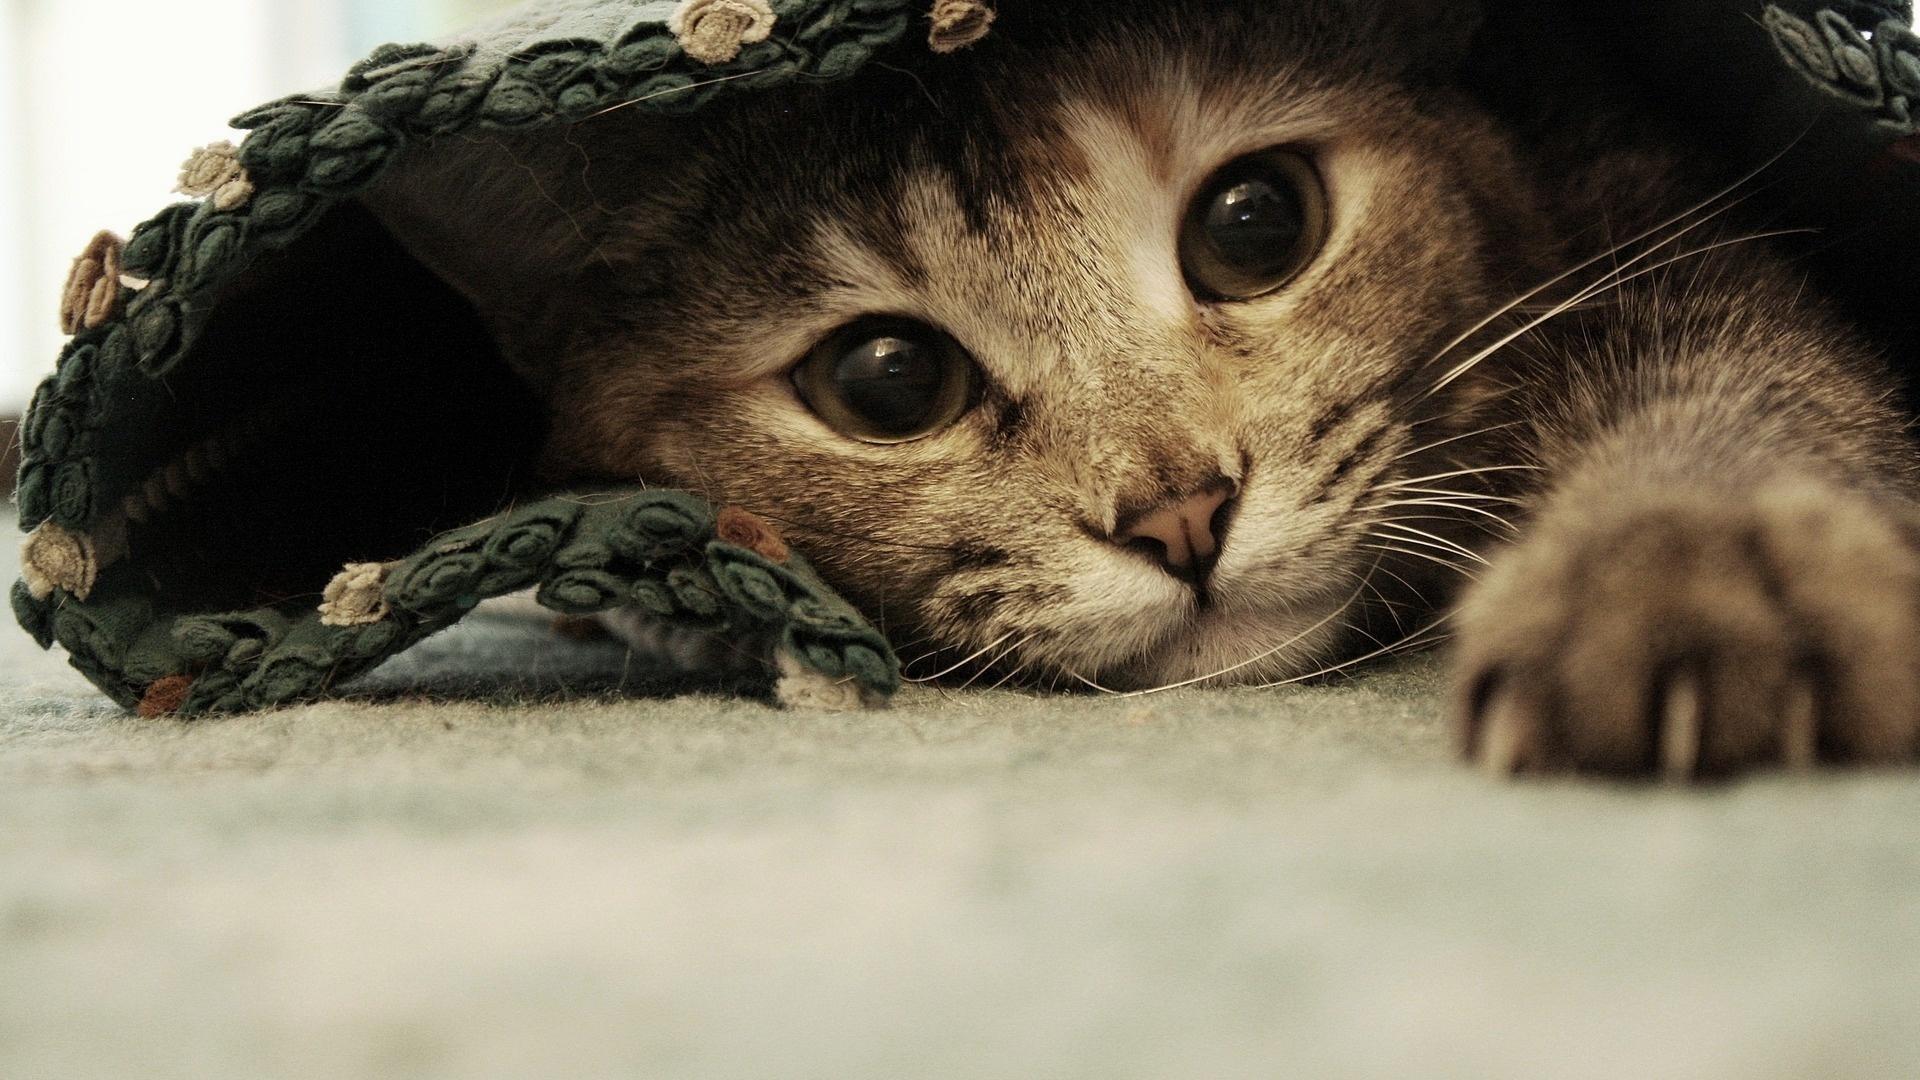 Cat-Wallpaper-Widescreen